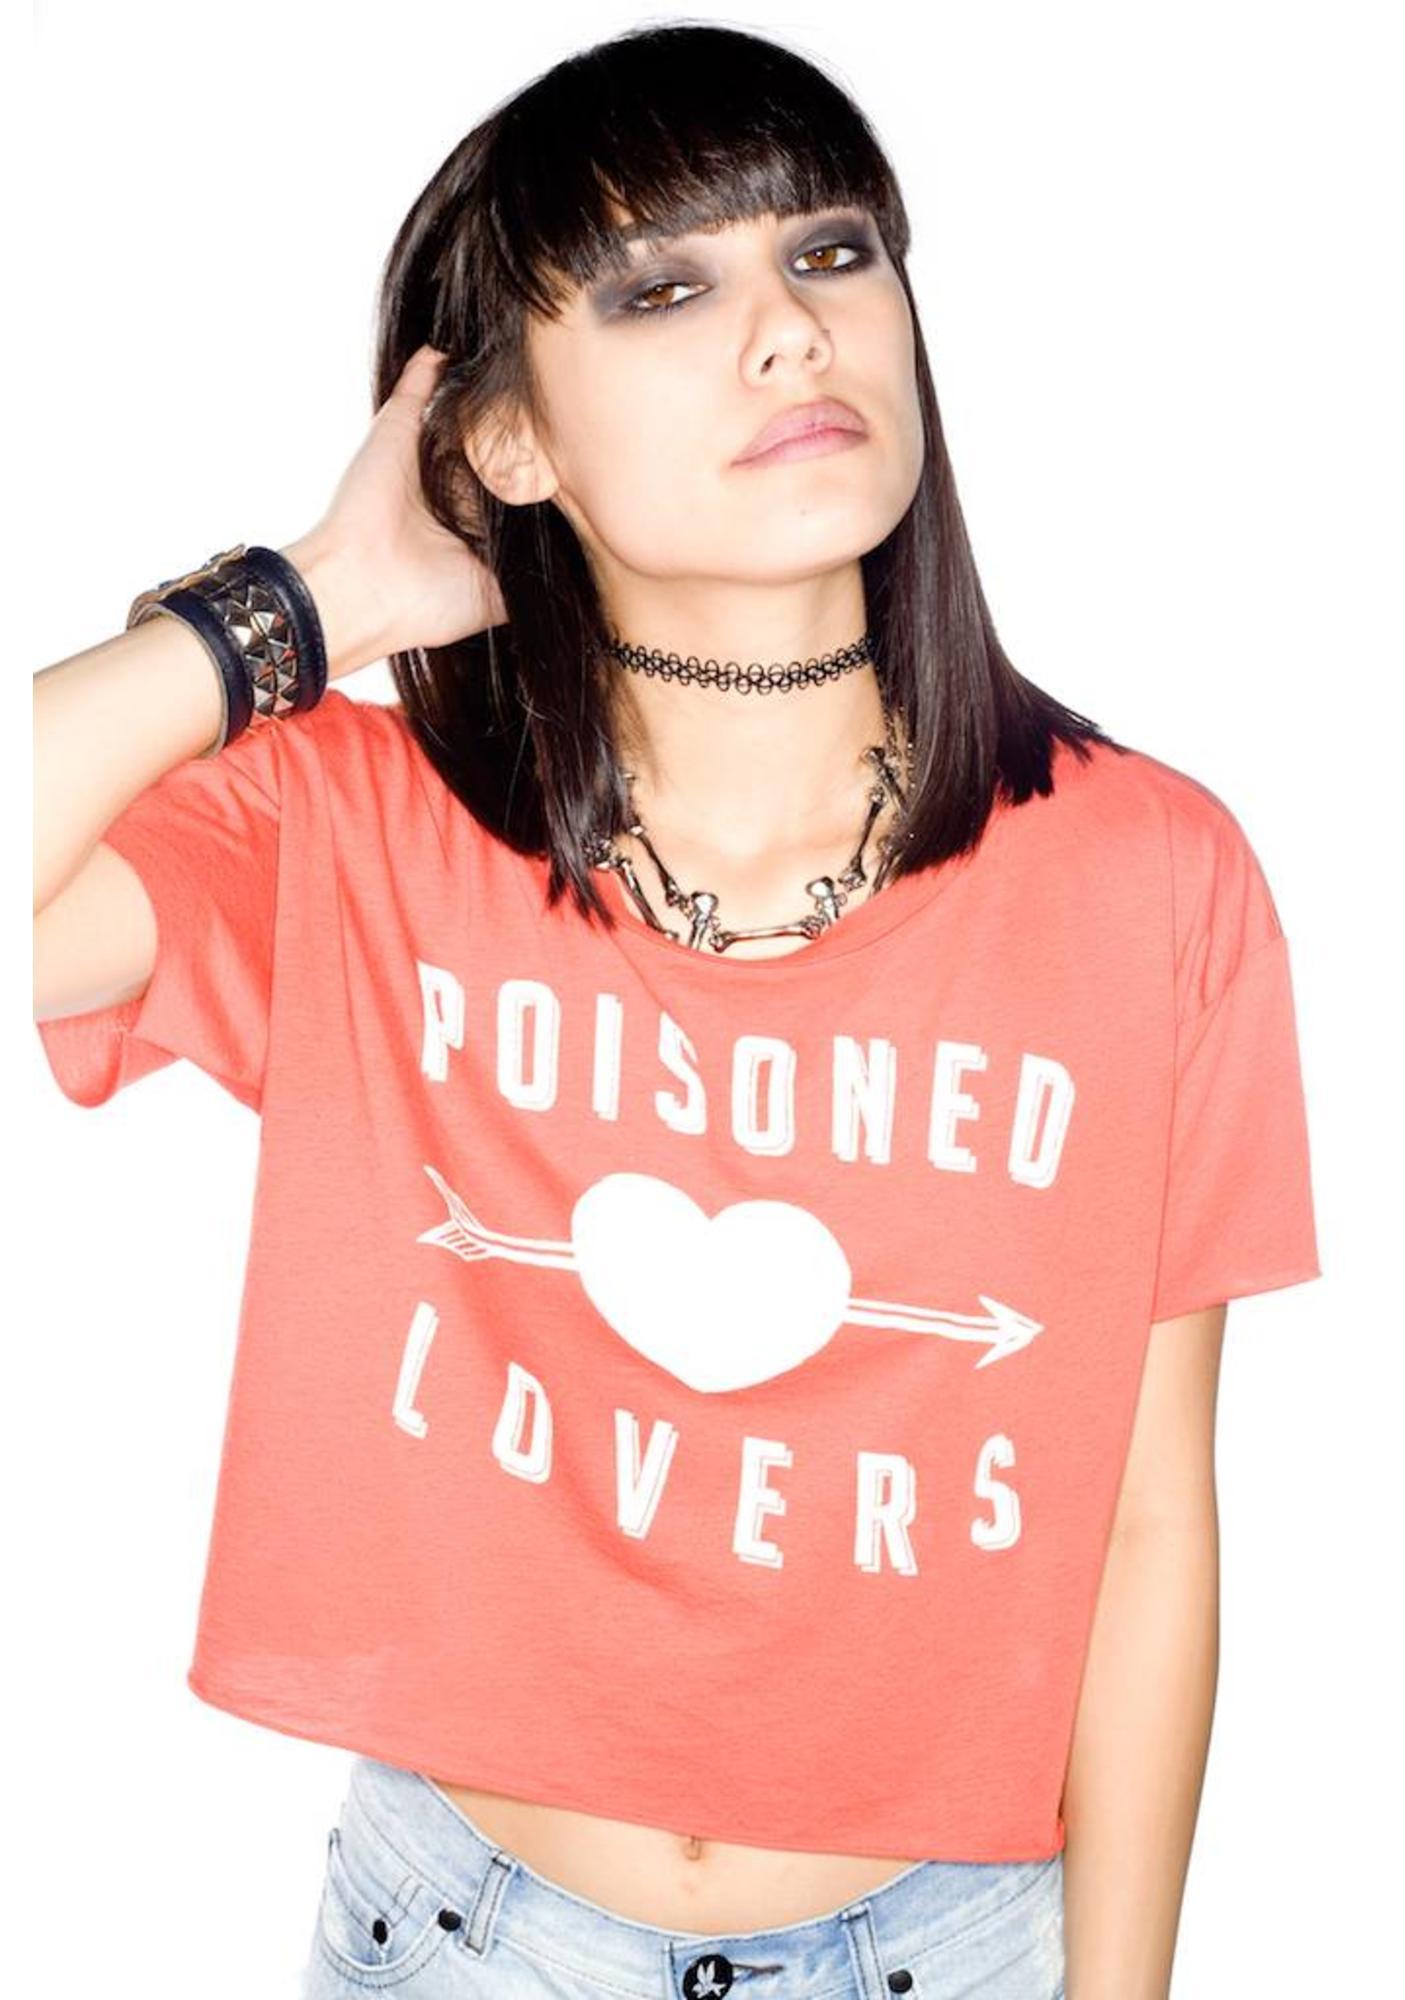 Zoe Karssen Poisoned Lovers Cropped Tee